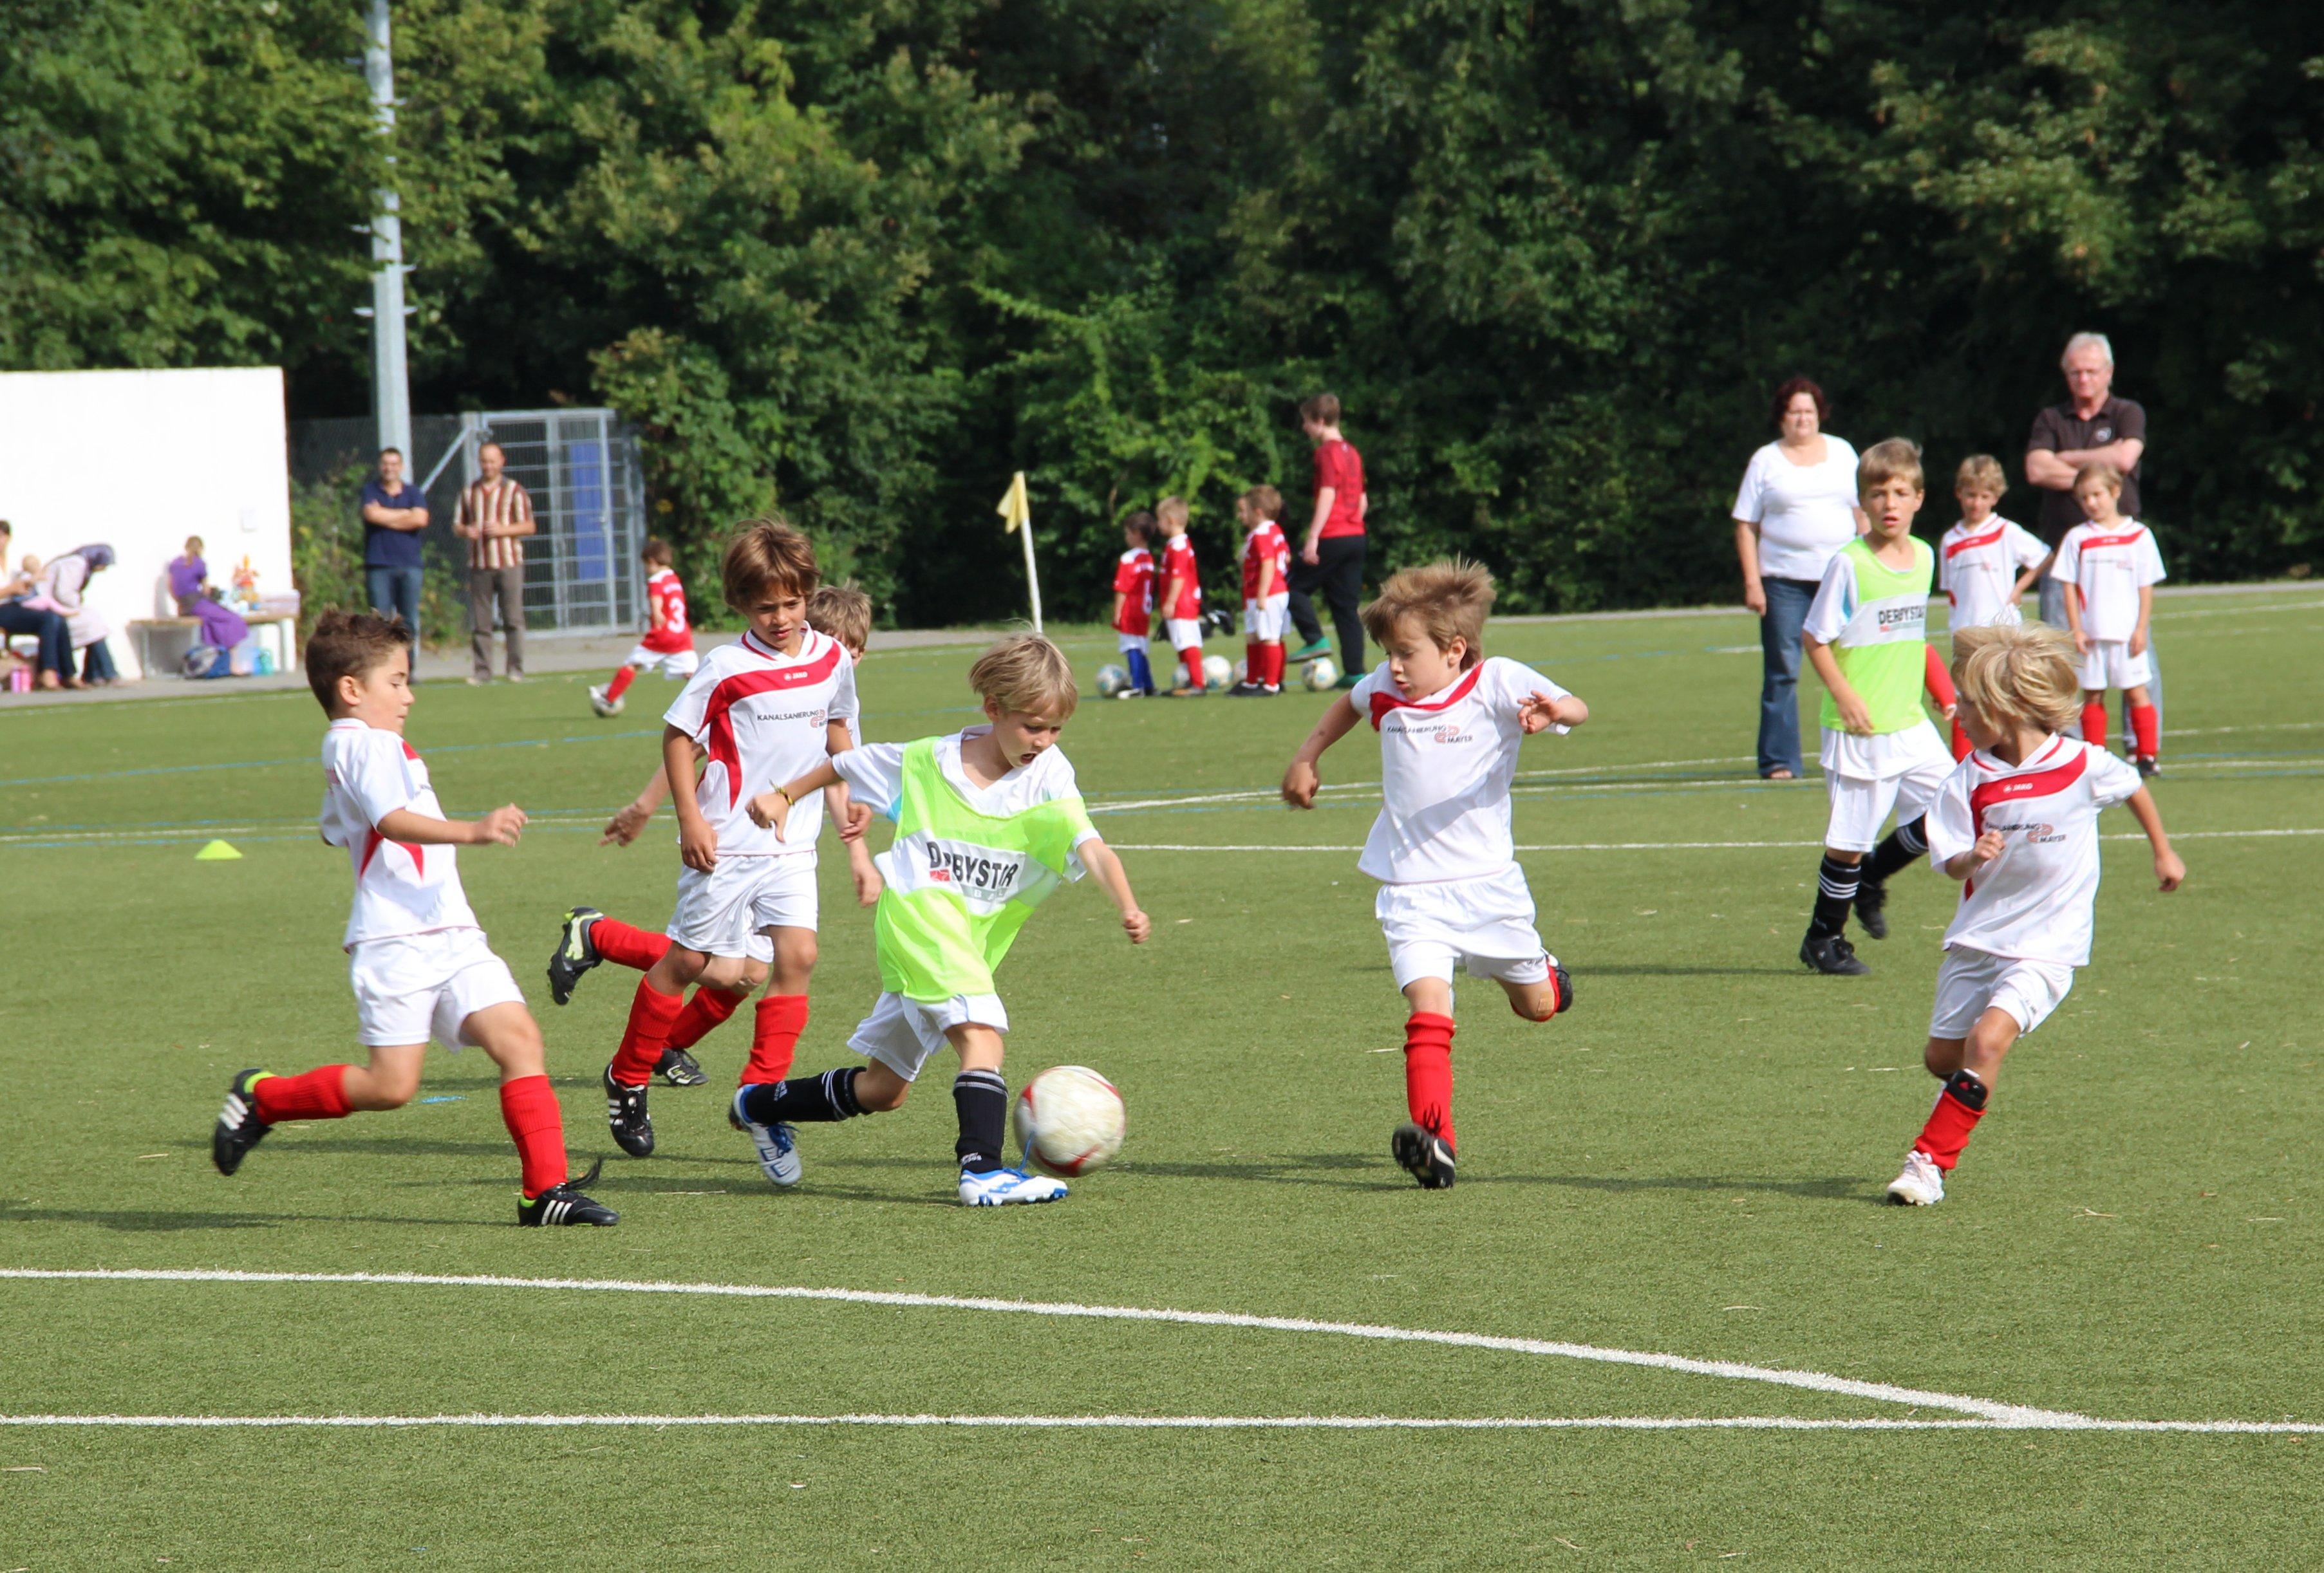 24.08.2013 F-Junioren: Erstes Heimspiel mit neuer Mannschaft